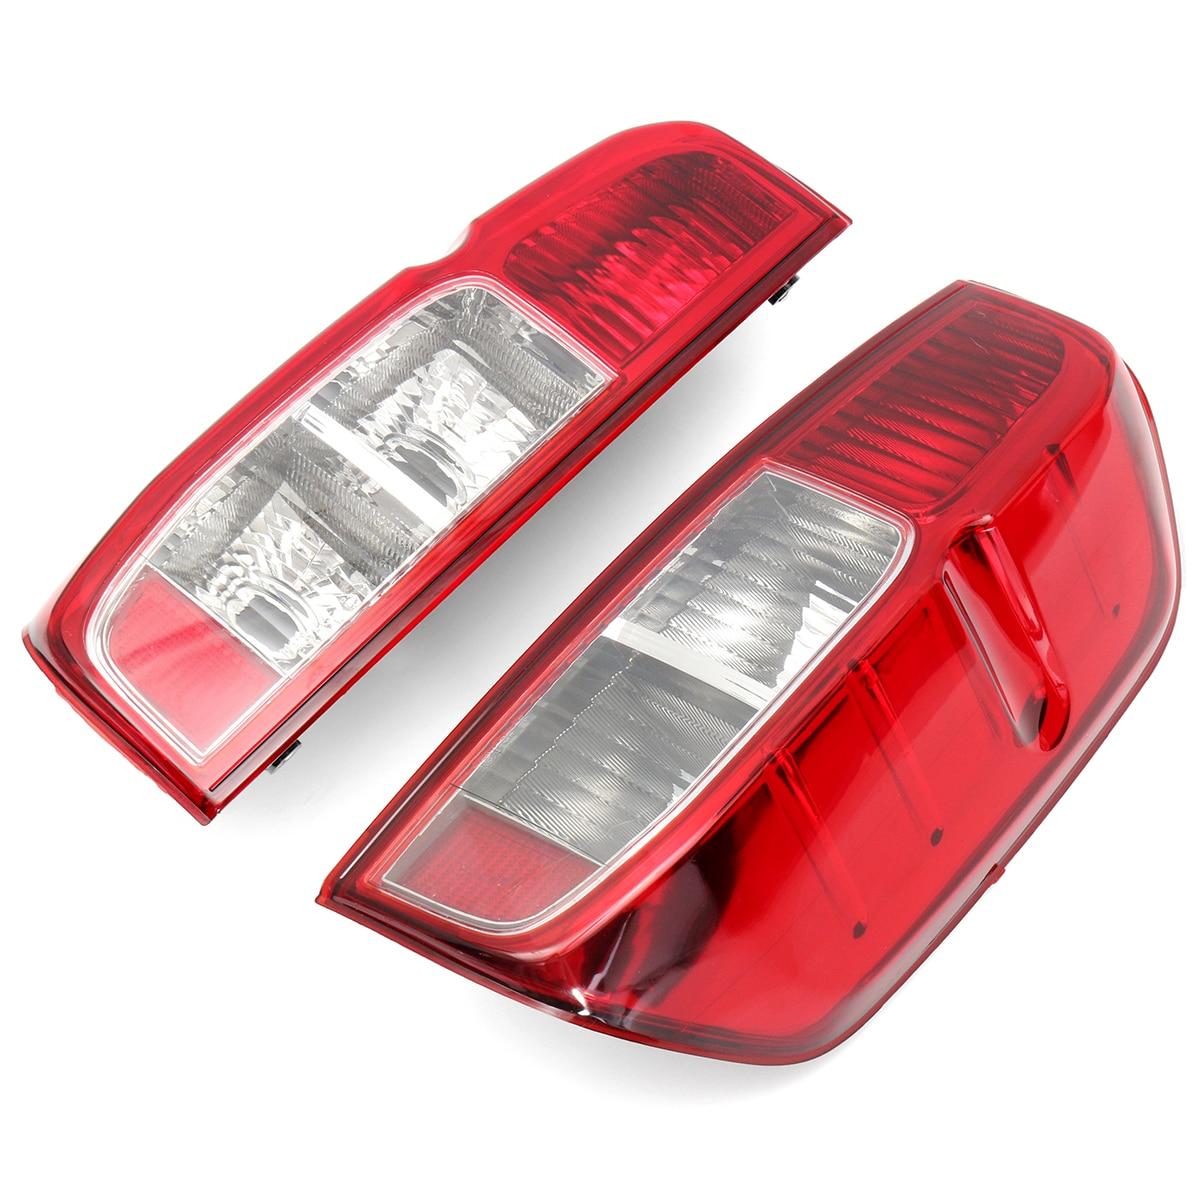 1 pc GAUCHE/DROITE Arrière feu arrière Conducteur Passager Côté Lampe Pour Nissan NAVARA D40 2005-2015